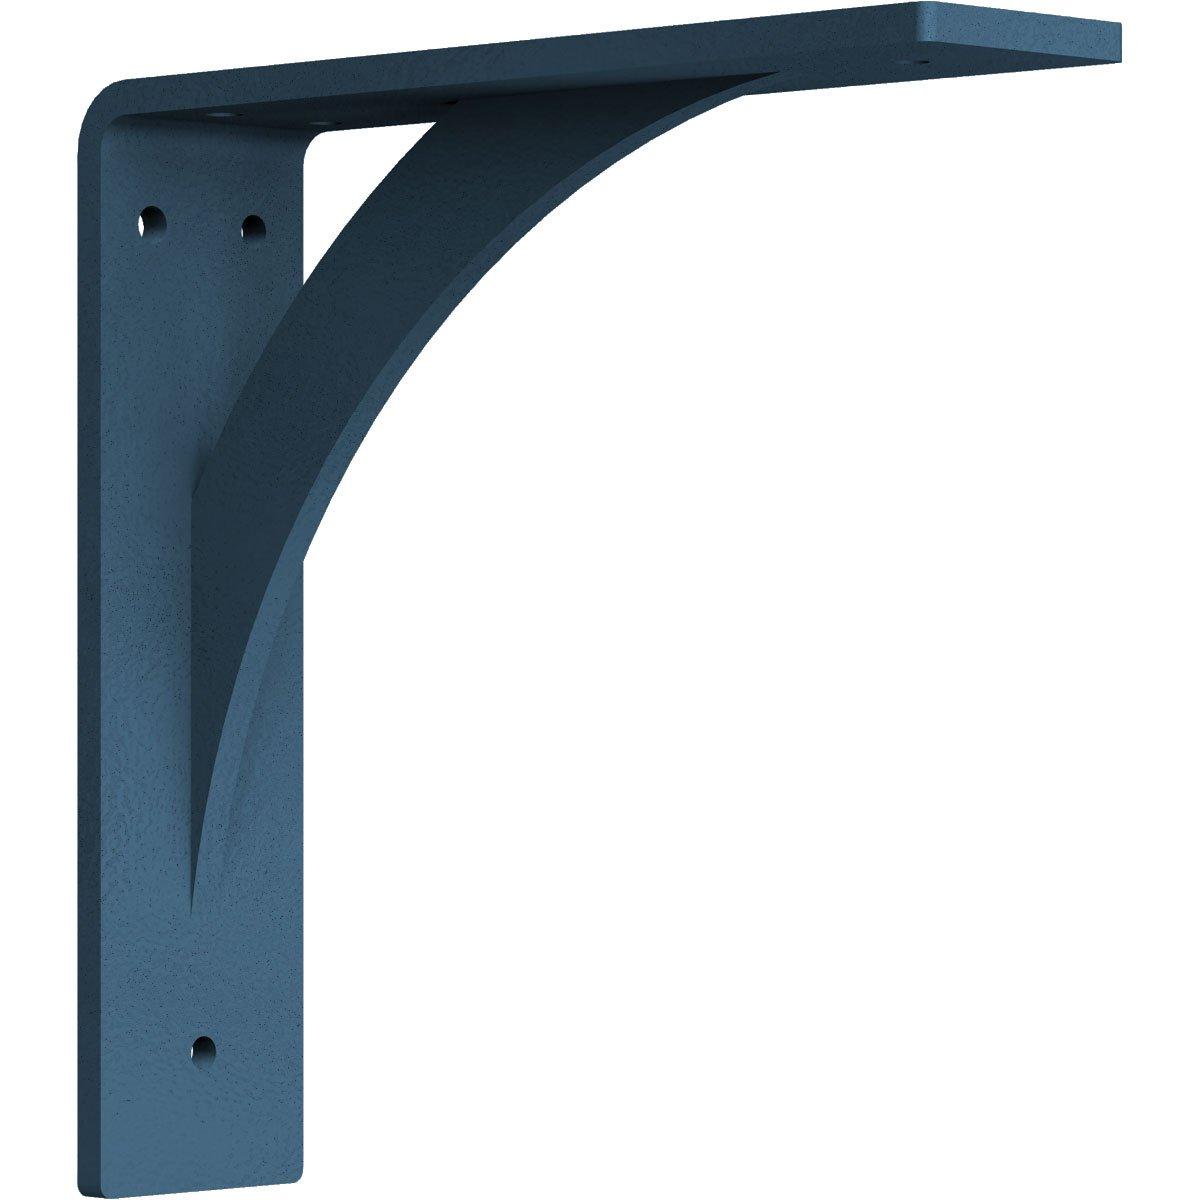 Ekena Millwork BKTM02X08X08LESS 2-Inch W x 8-Inch D x 8-Inch H Legacy Bracket, Stainless Steel